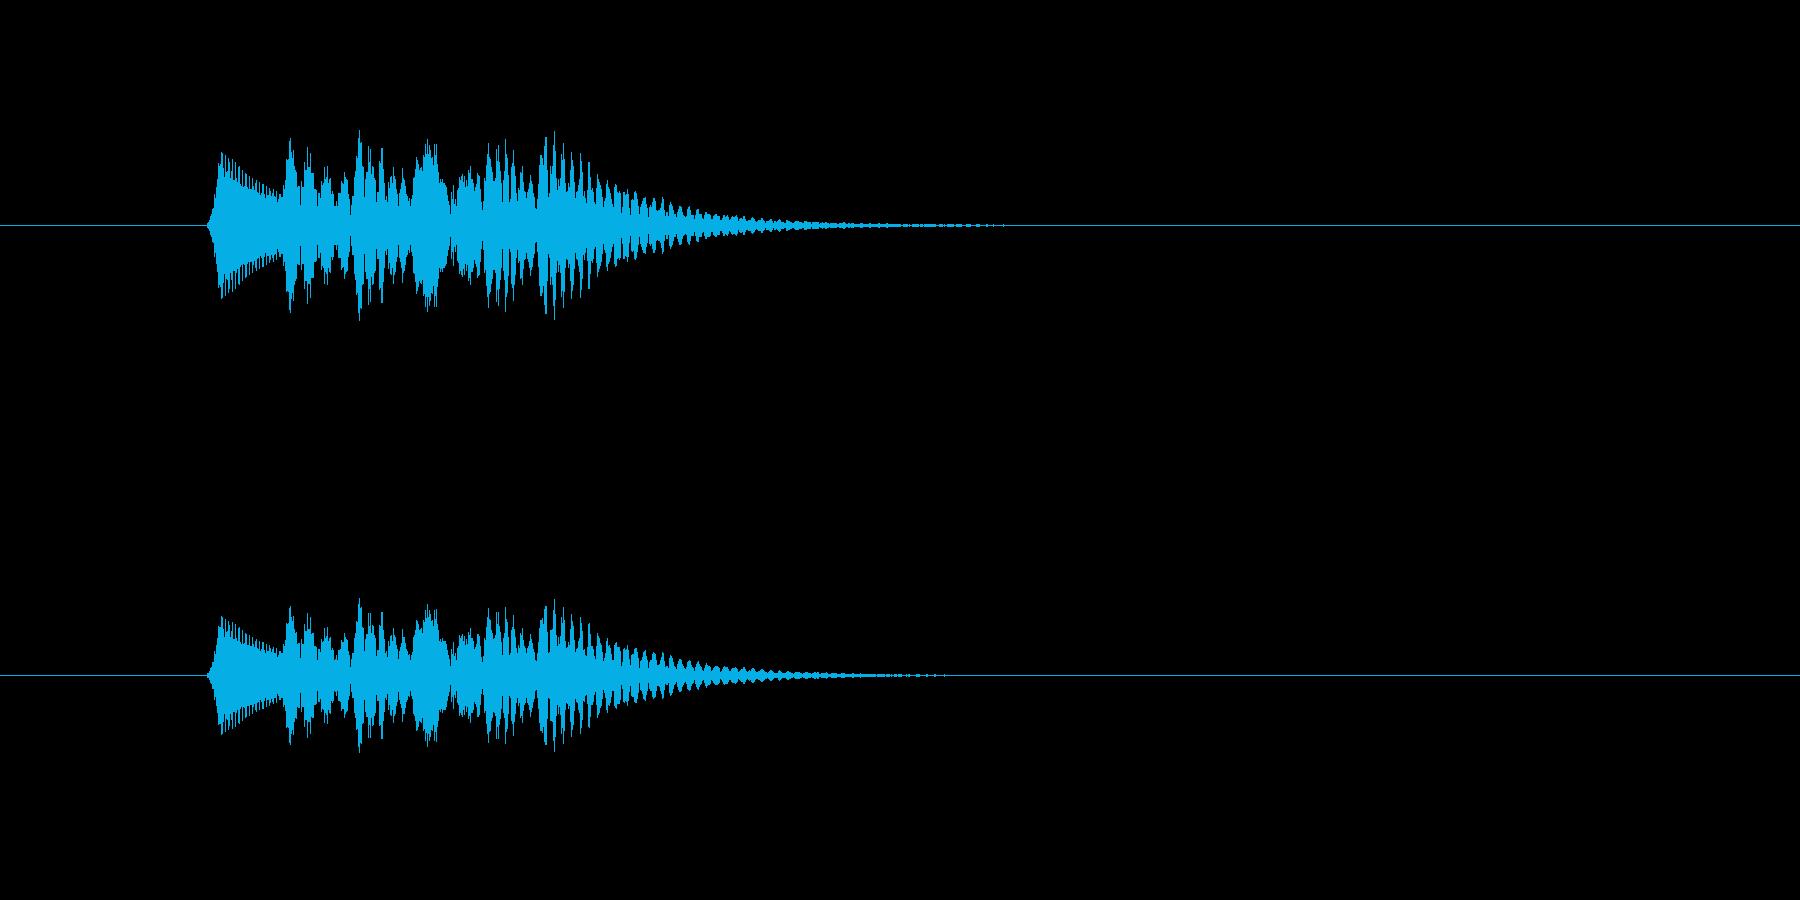 ポロロロロン(ピアノの音)の再生済みの波形